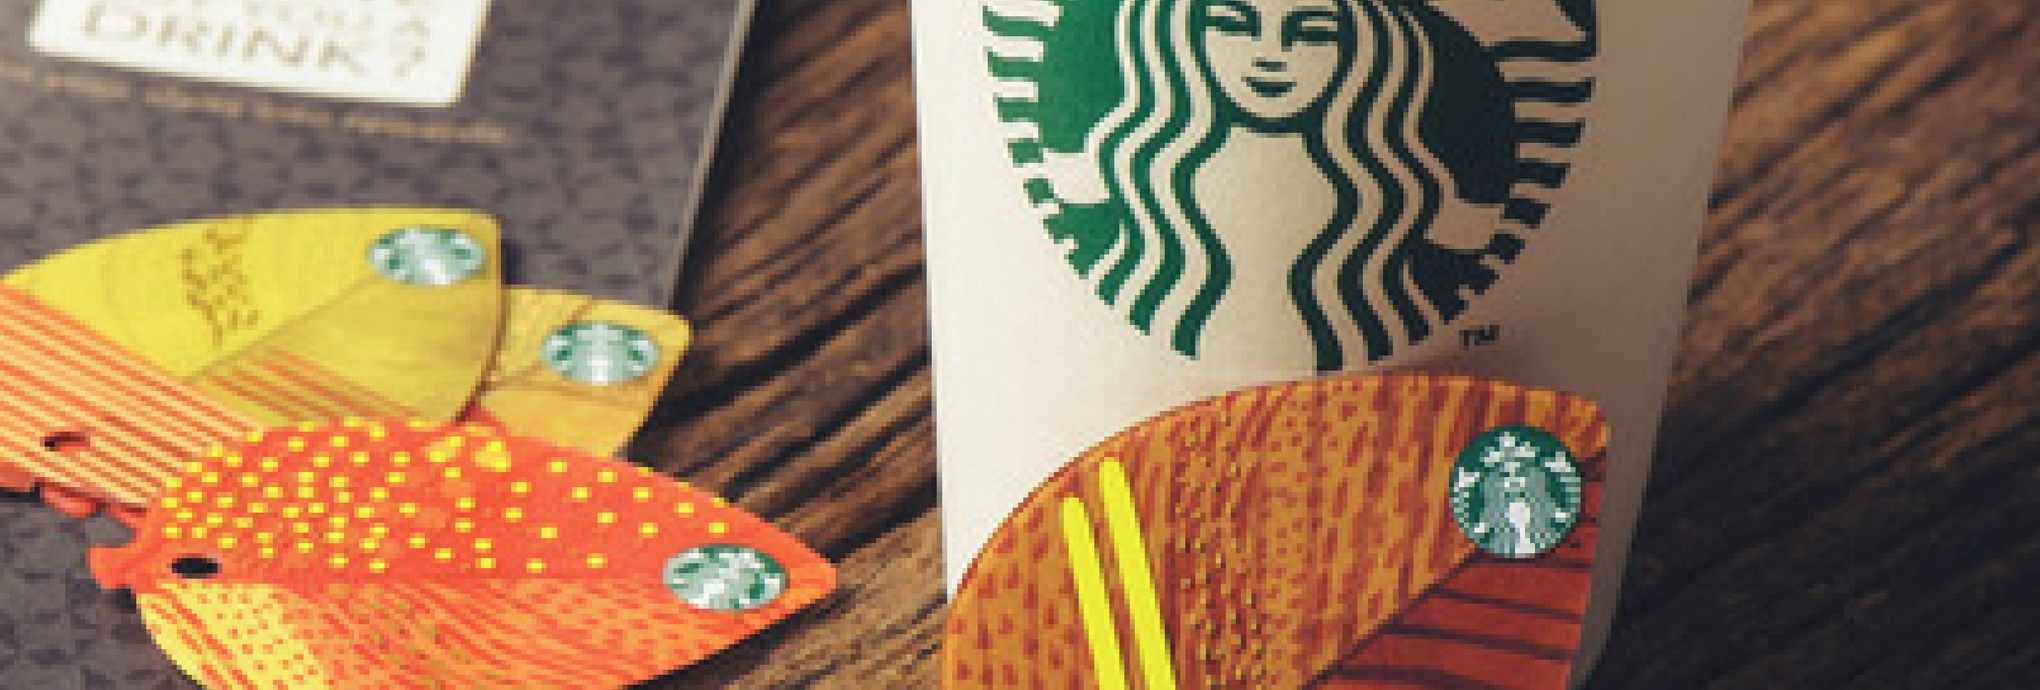 WMI_pumpkin_spice_latte.jpg